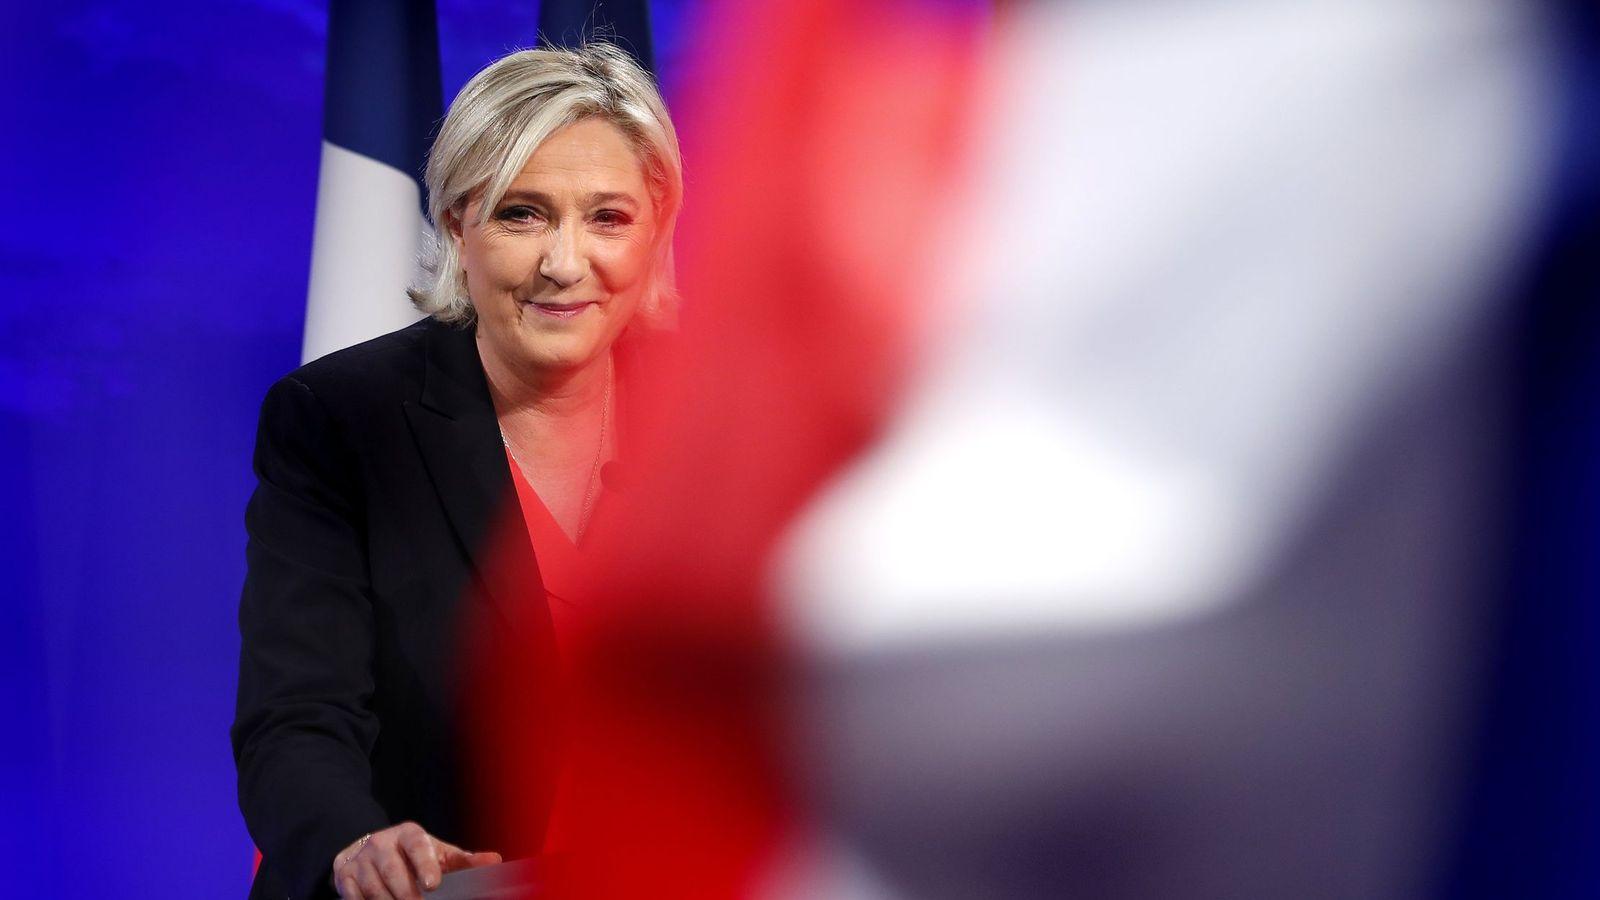 Foto: La candidata del Frente Nacional, Marine Le Pen, tras conocer su derrita. (Reuters)